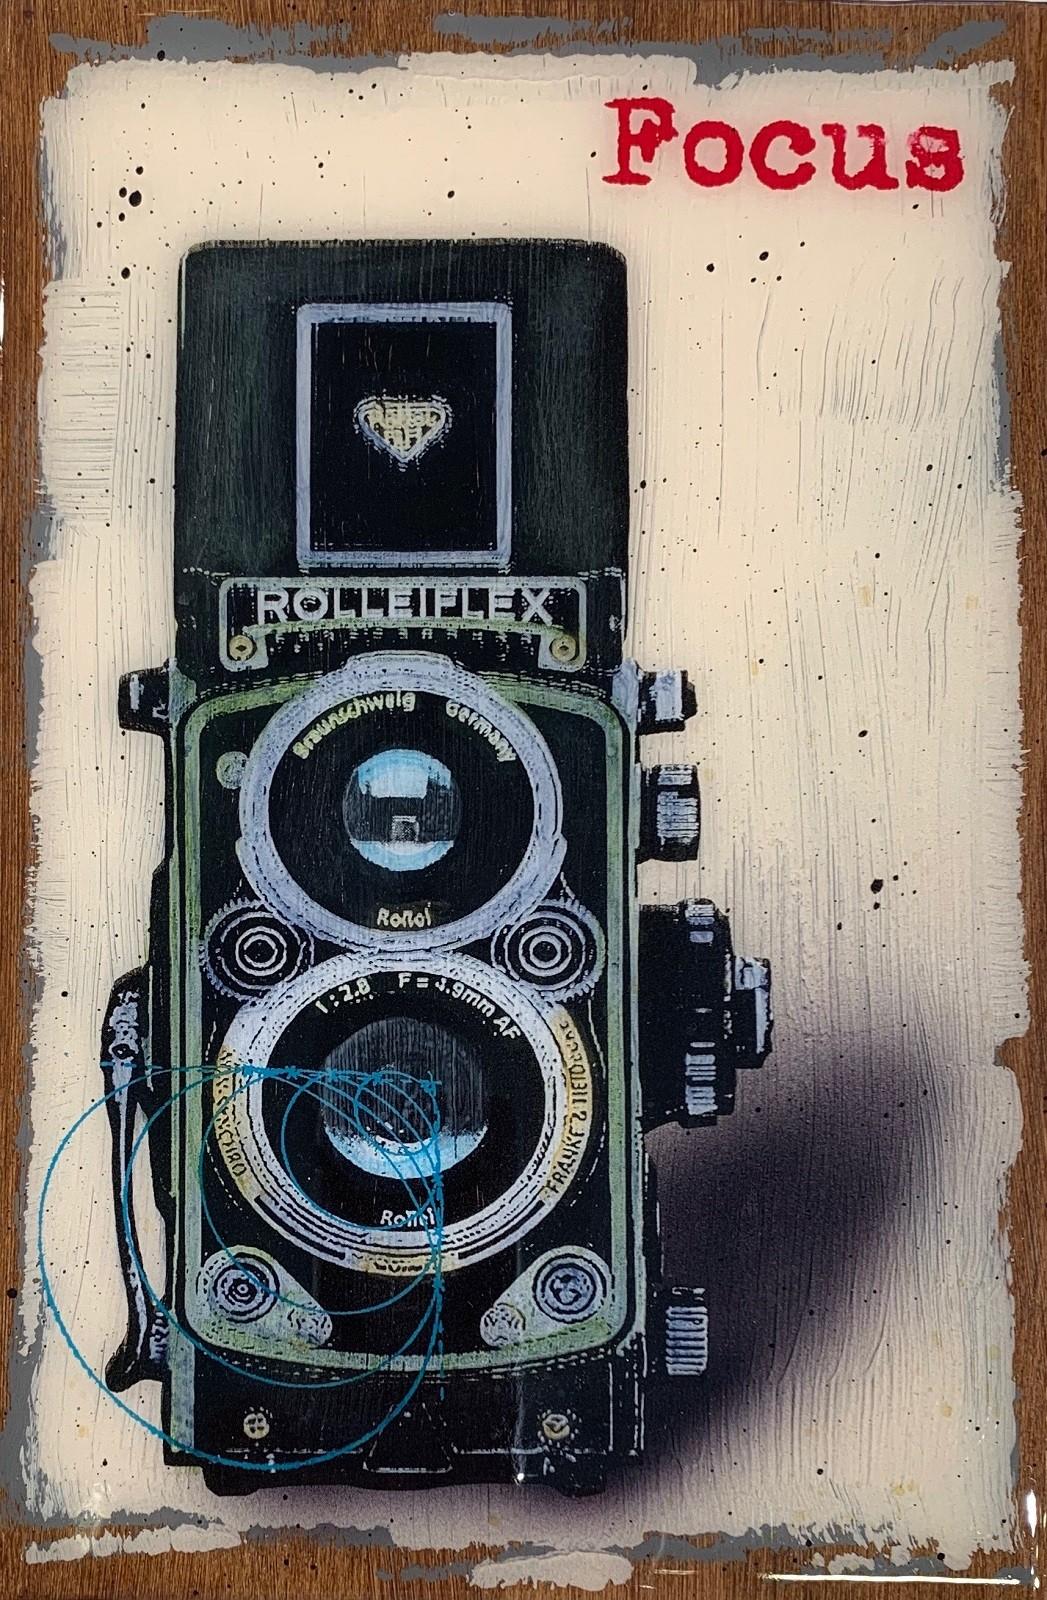 Rolleiflex - Smith, Carl - k-1909SM3